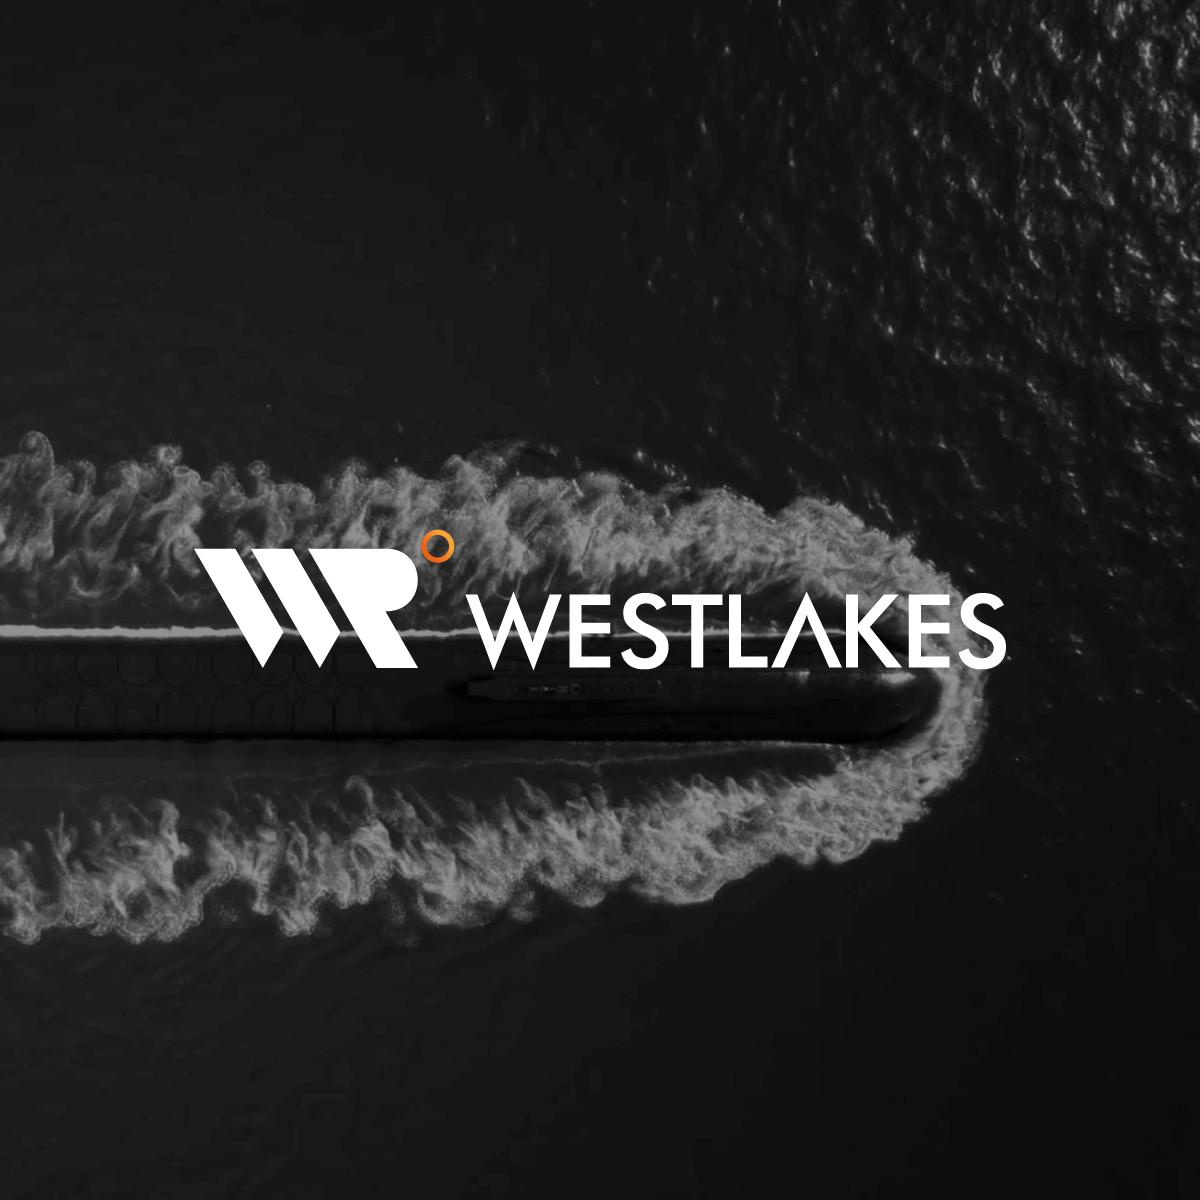 Westlakes